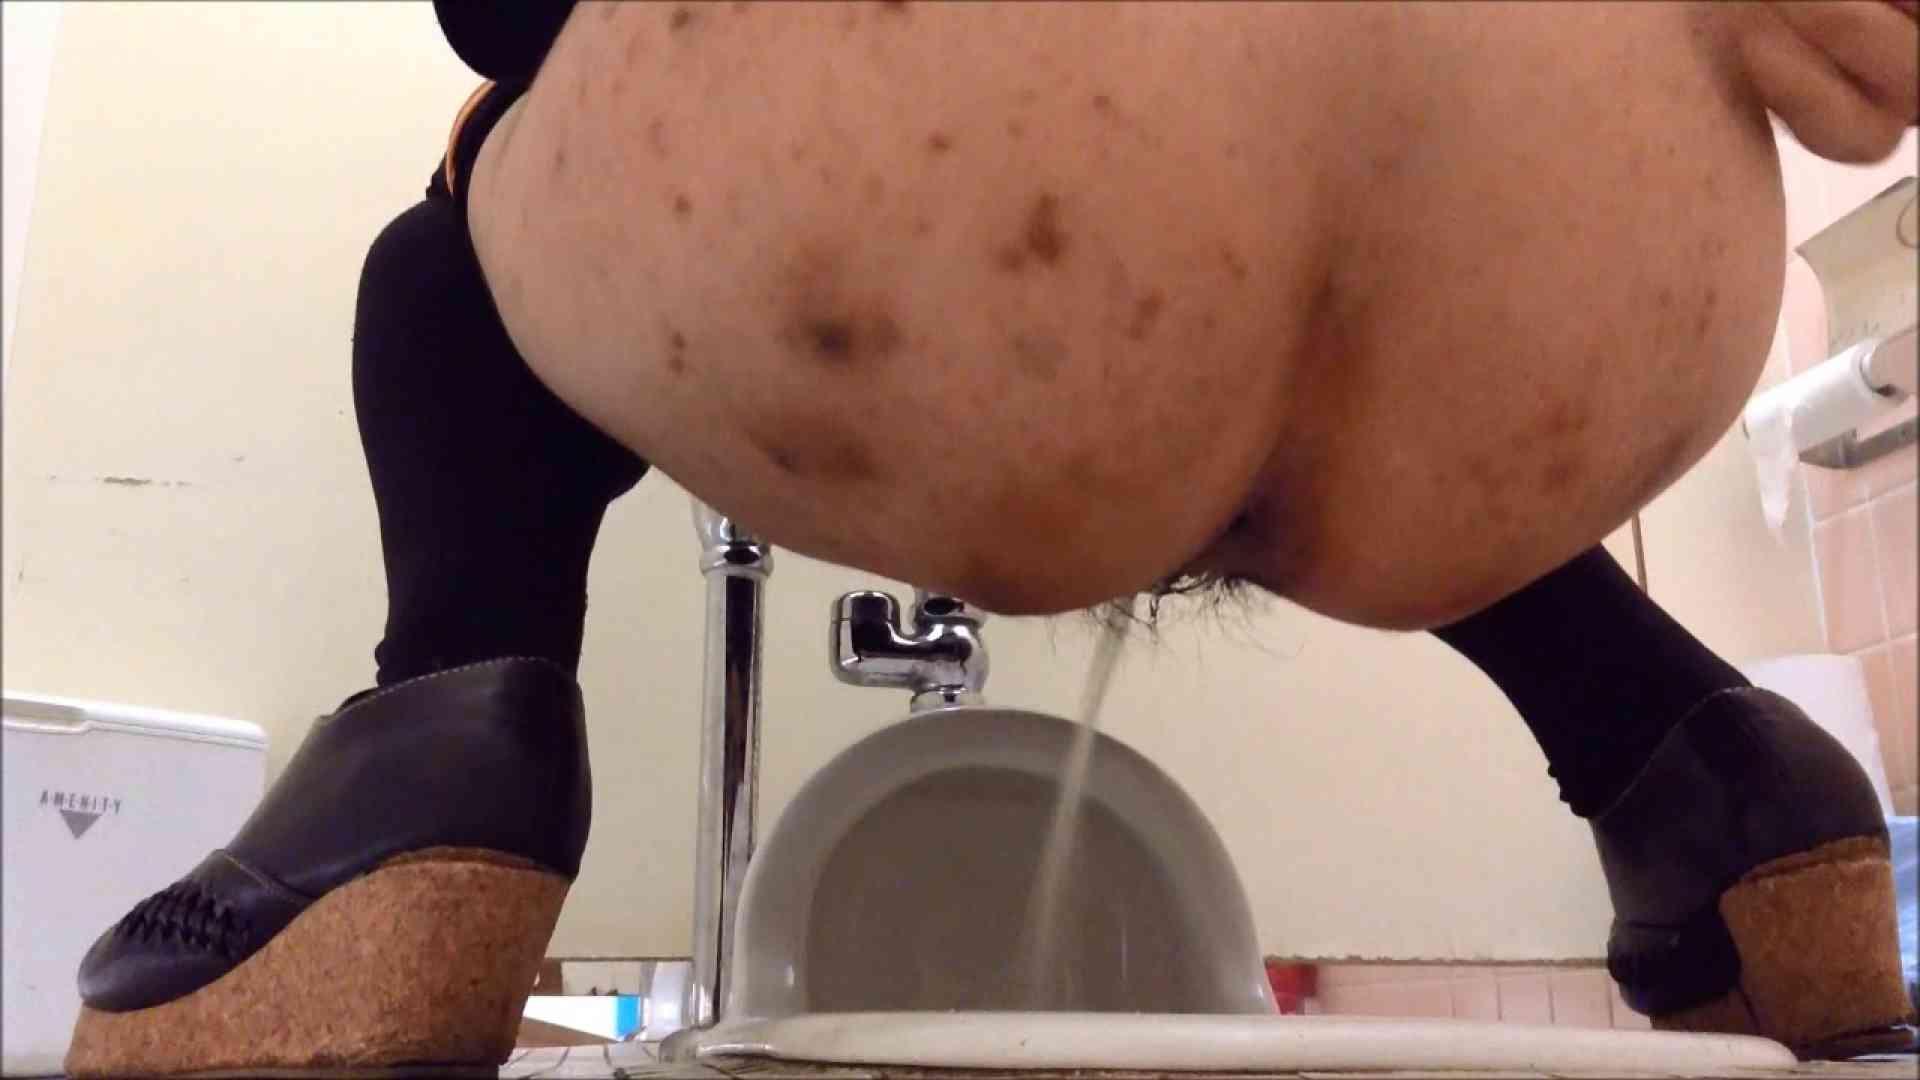 某有名大学女性洗面所 vol.06 ギャル達 アダルト動画キャプチャ 111枚 65